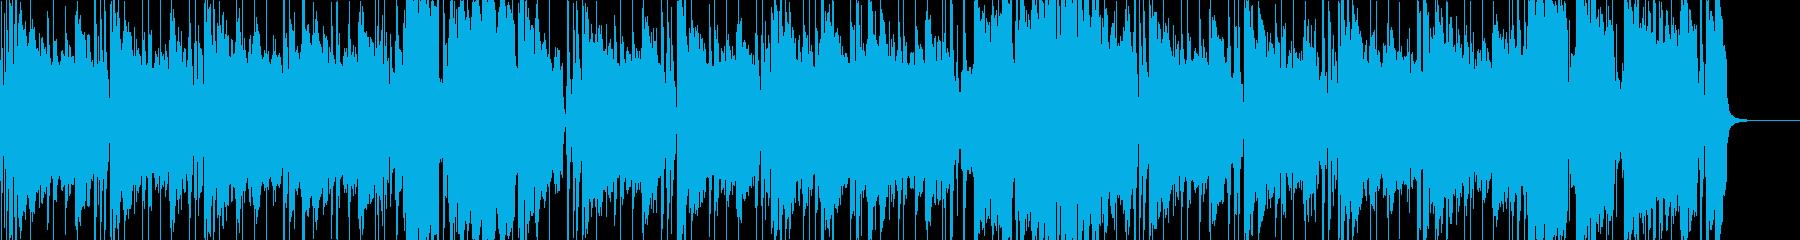 明るくだらしないバリトンサックスとホーンの再生済みの波形